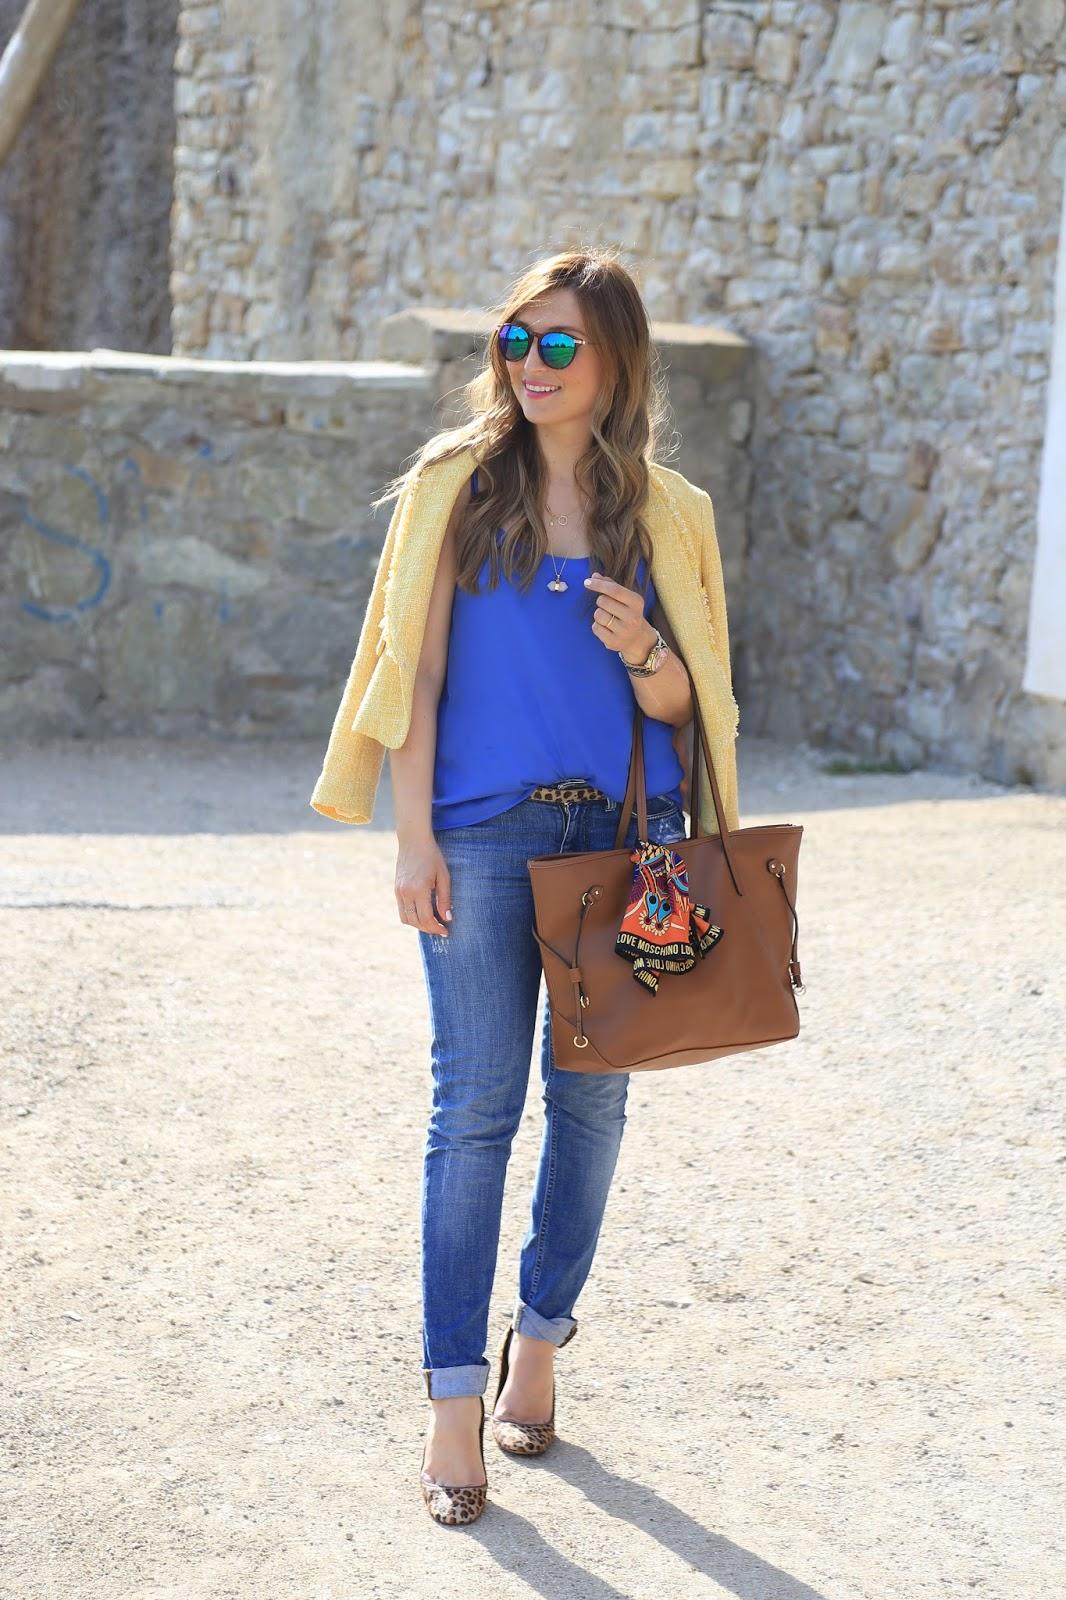 Fashionblogger mit brauner Tasche - Fashionblogger aus Deutschland - Deutsche Fashionblogger - Blogger aus Frankfurt - Frankfurt Fashionblogger